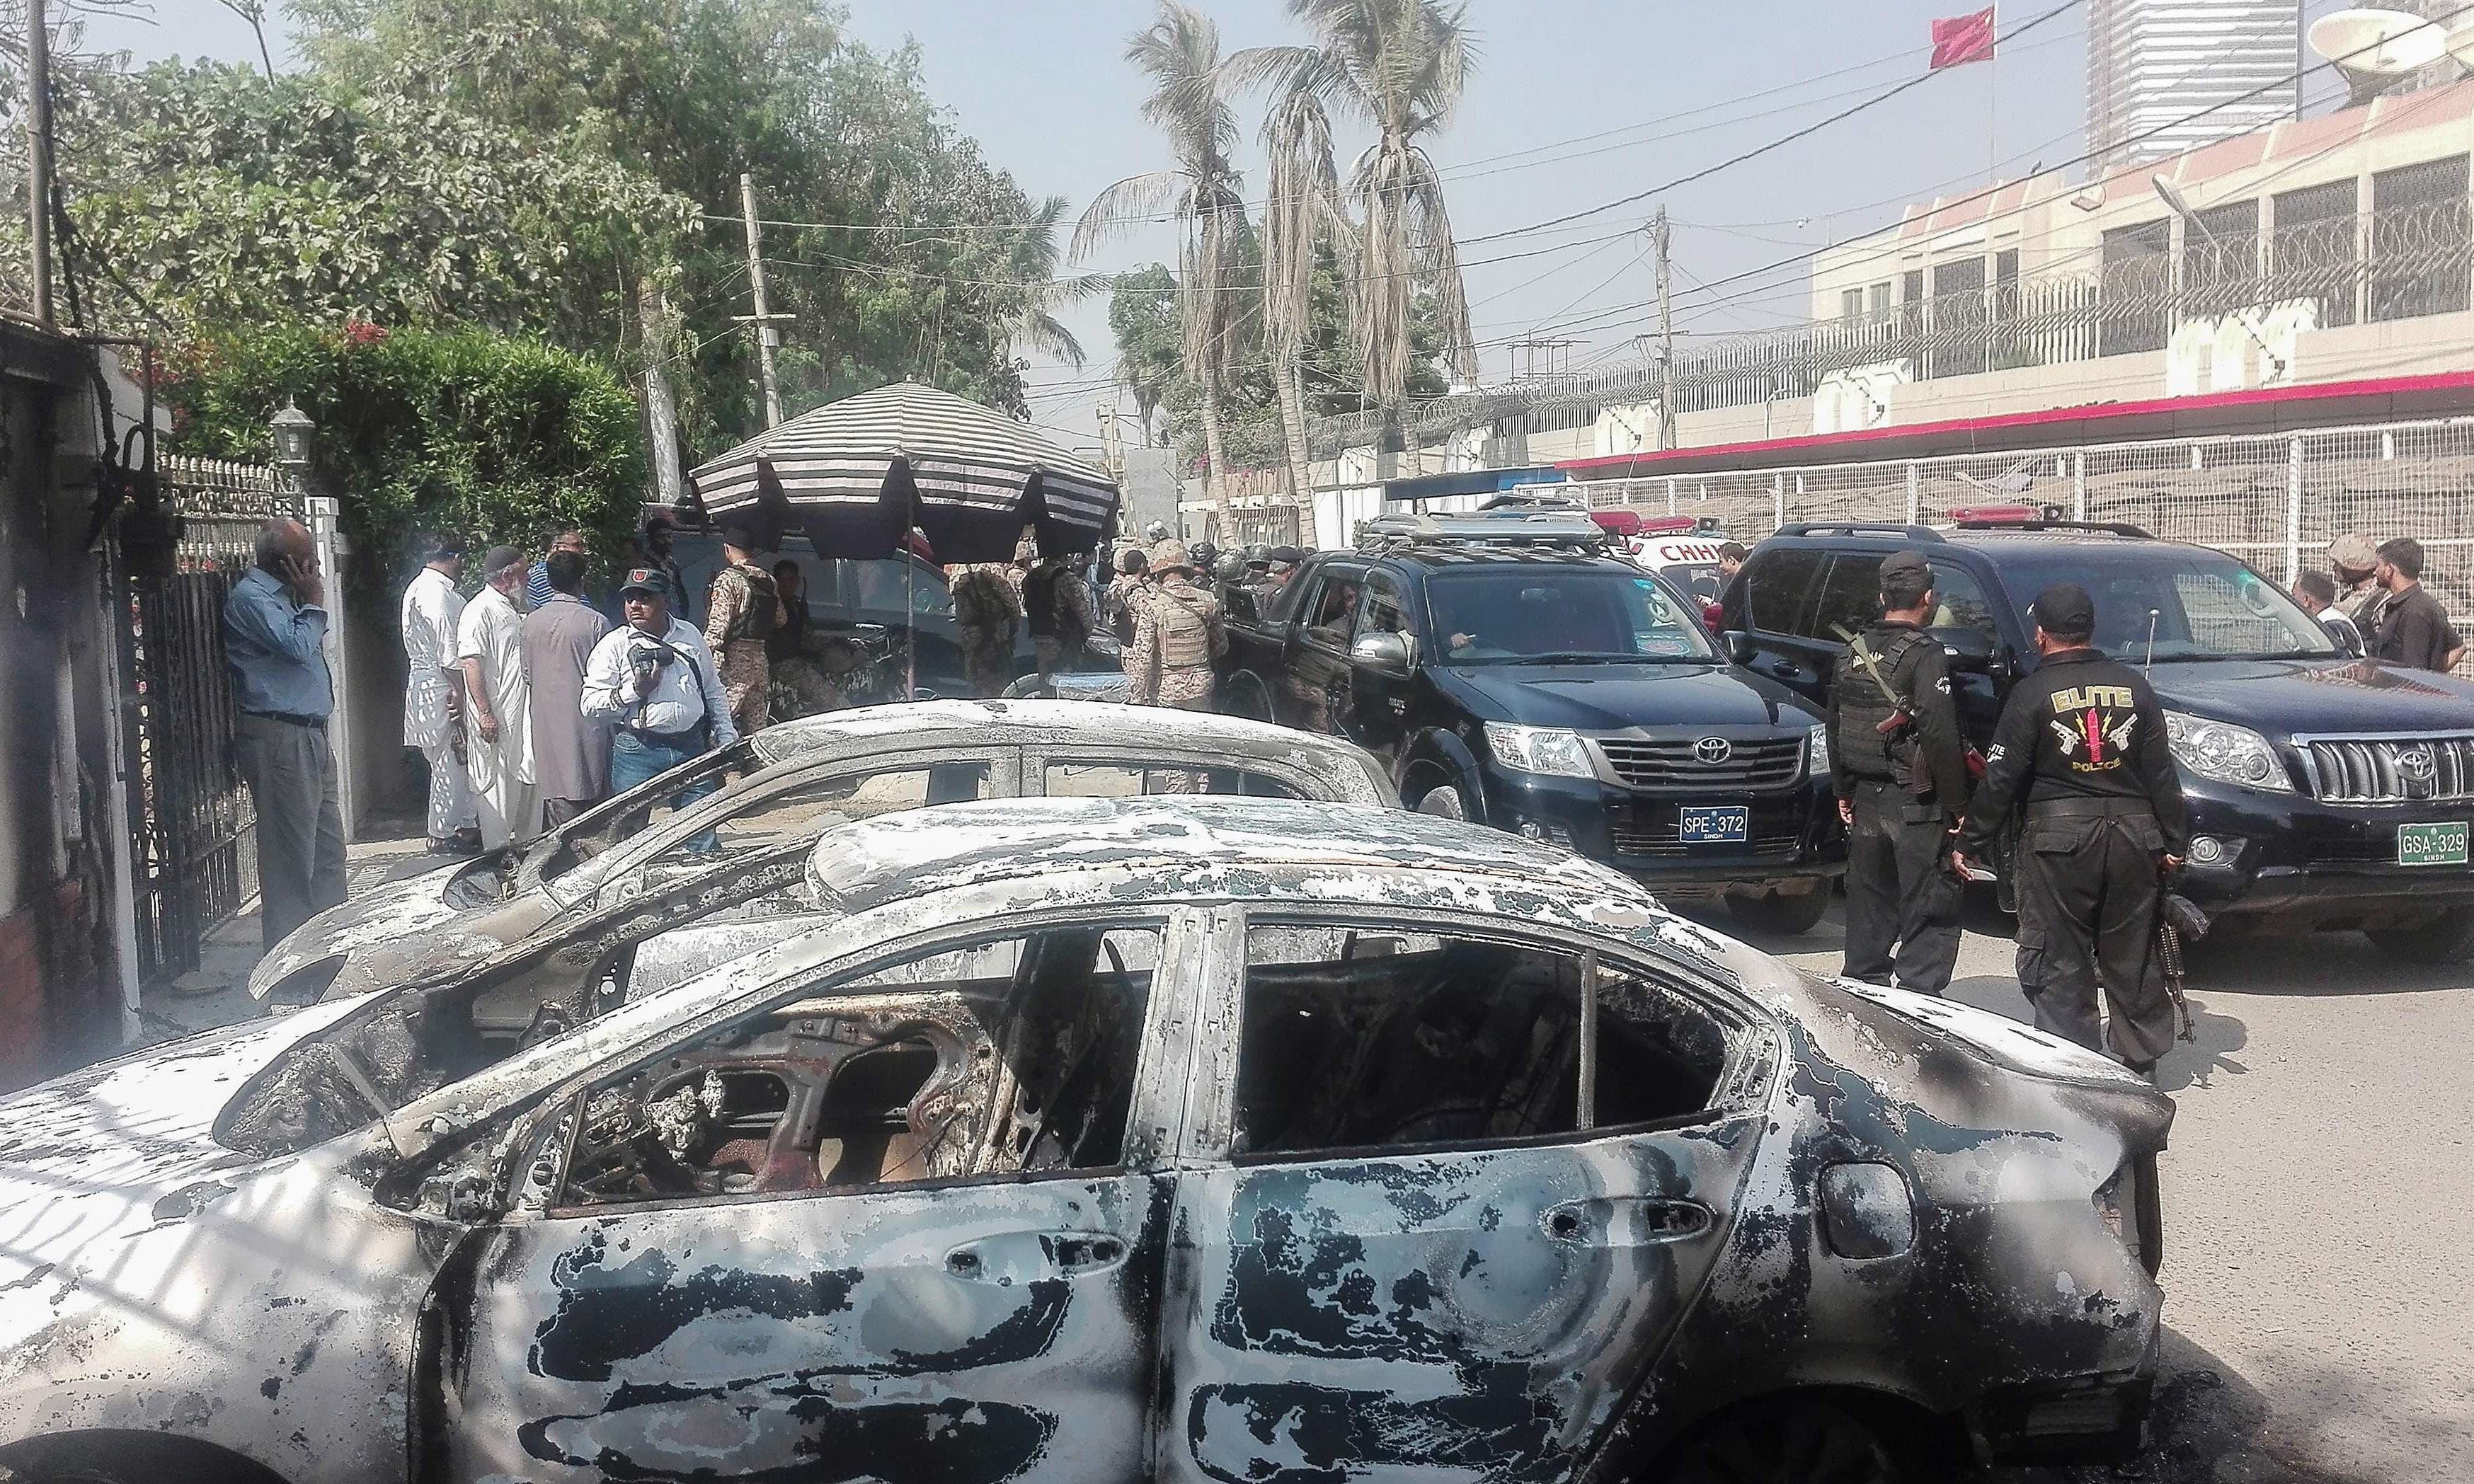 دہشت گردی کے حملے میں قونصل خانے کے باہر موجود گاڑیاں تباہ ہوگئیں —فوٹو/ اے ایف پی